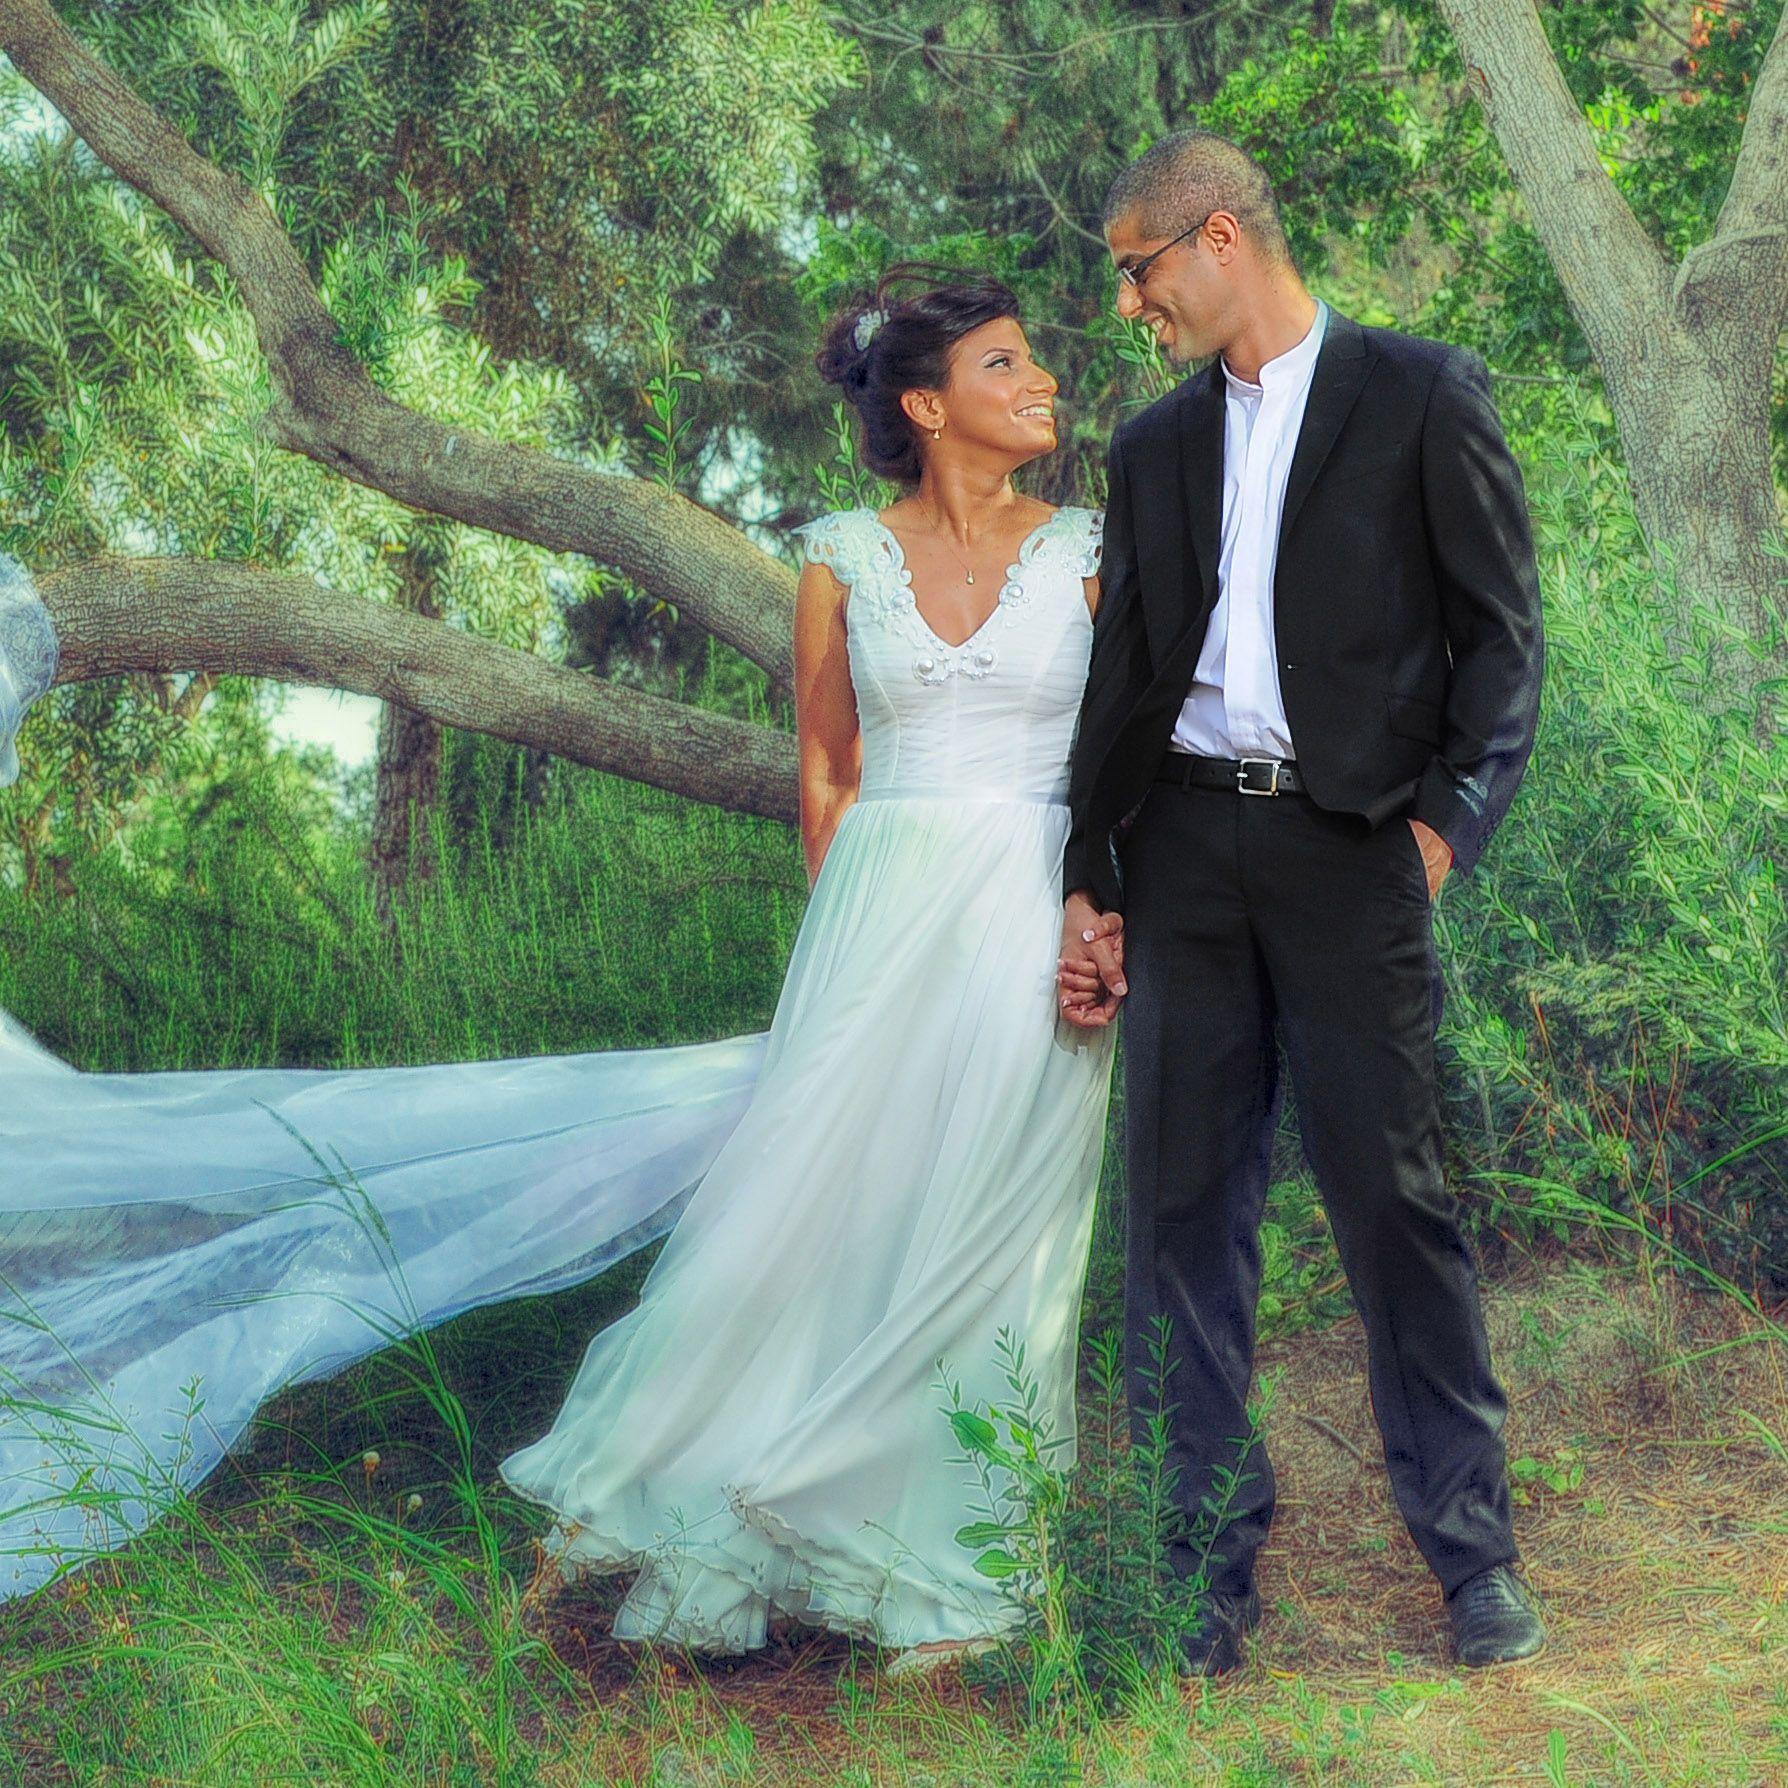 Anna wedding dress! featued on Buzzfeed 50 Dreamy Wedding dresses ...